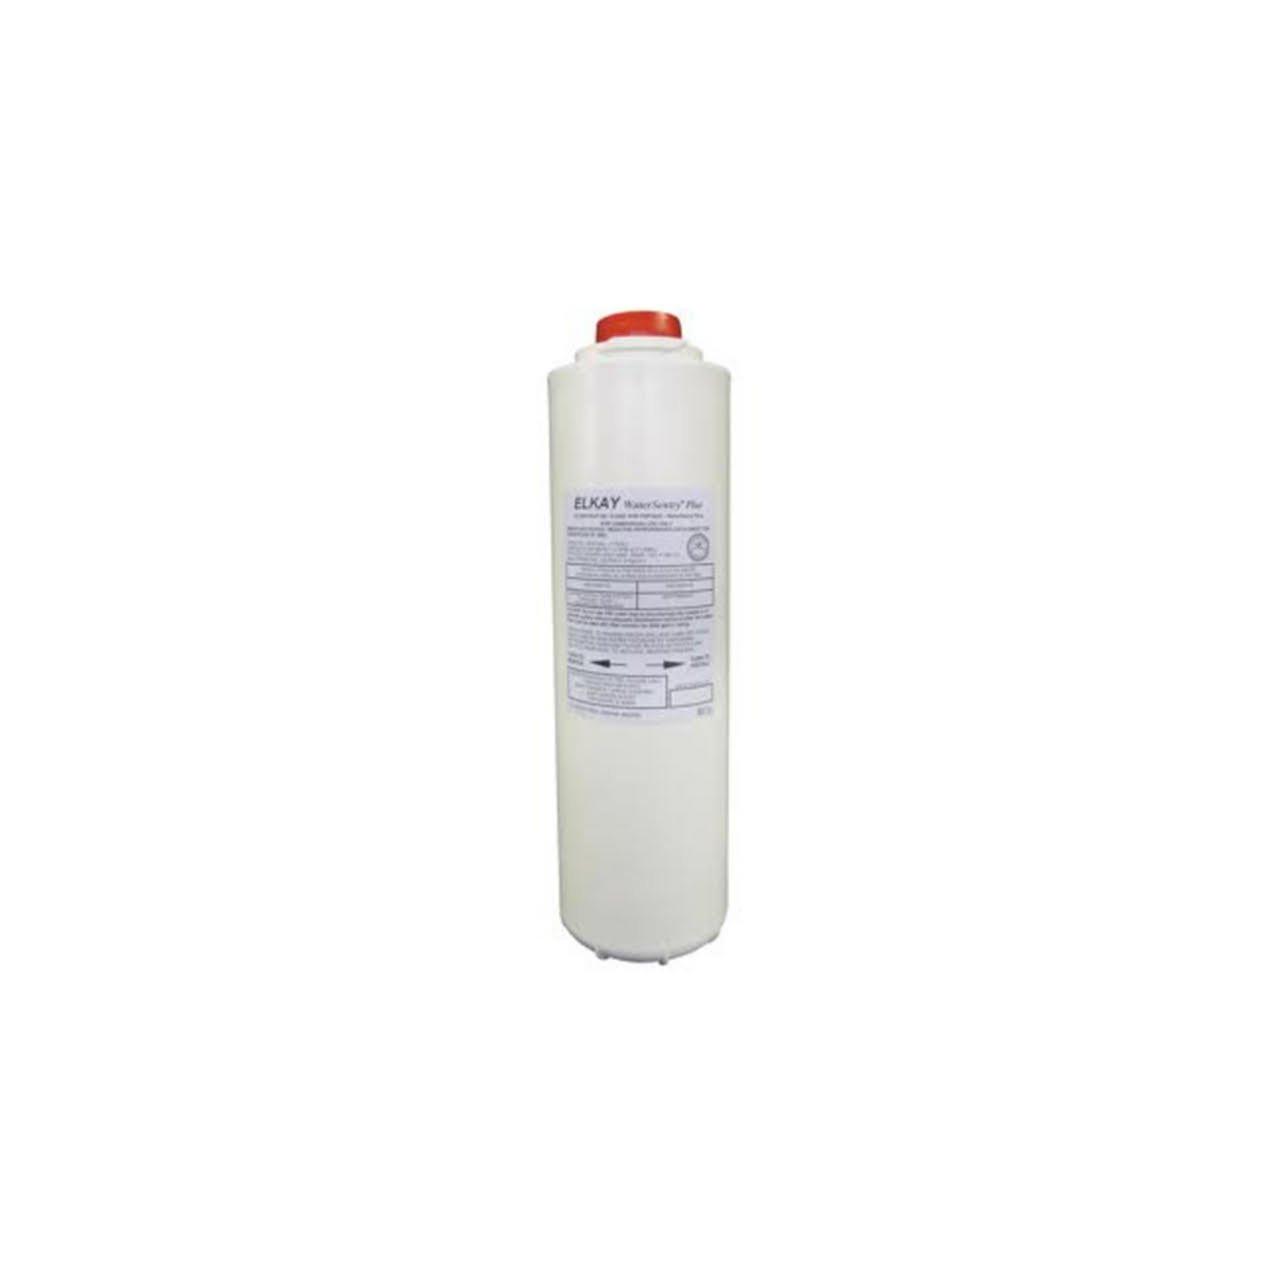 Elkay 51300C WaterSentry Plus Replacement Filter (Bottle Fillers) by Elkay